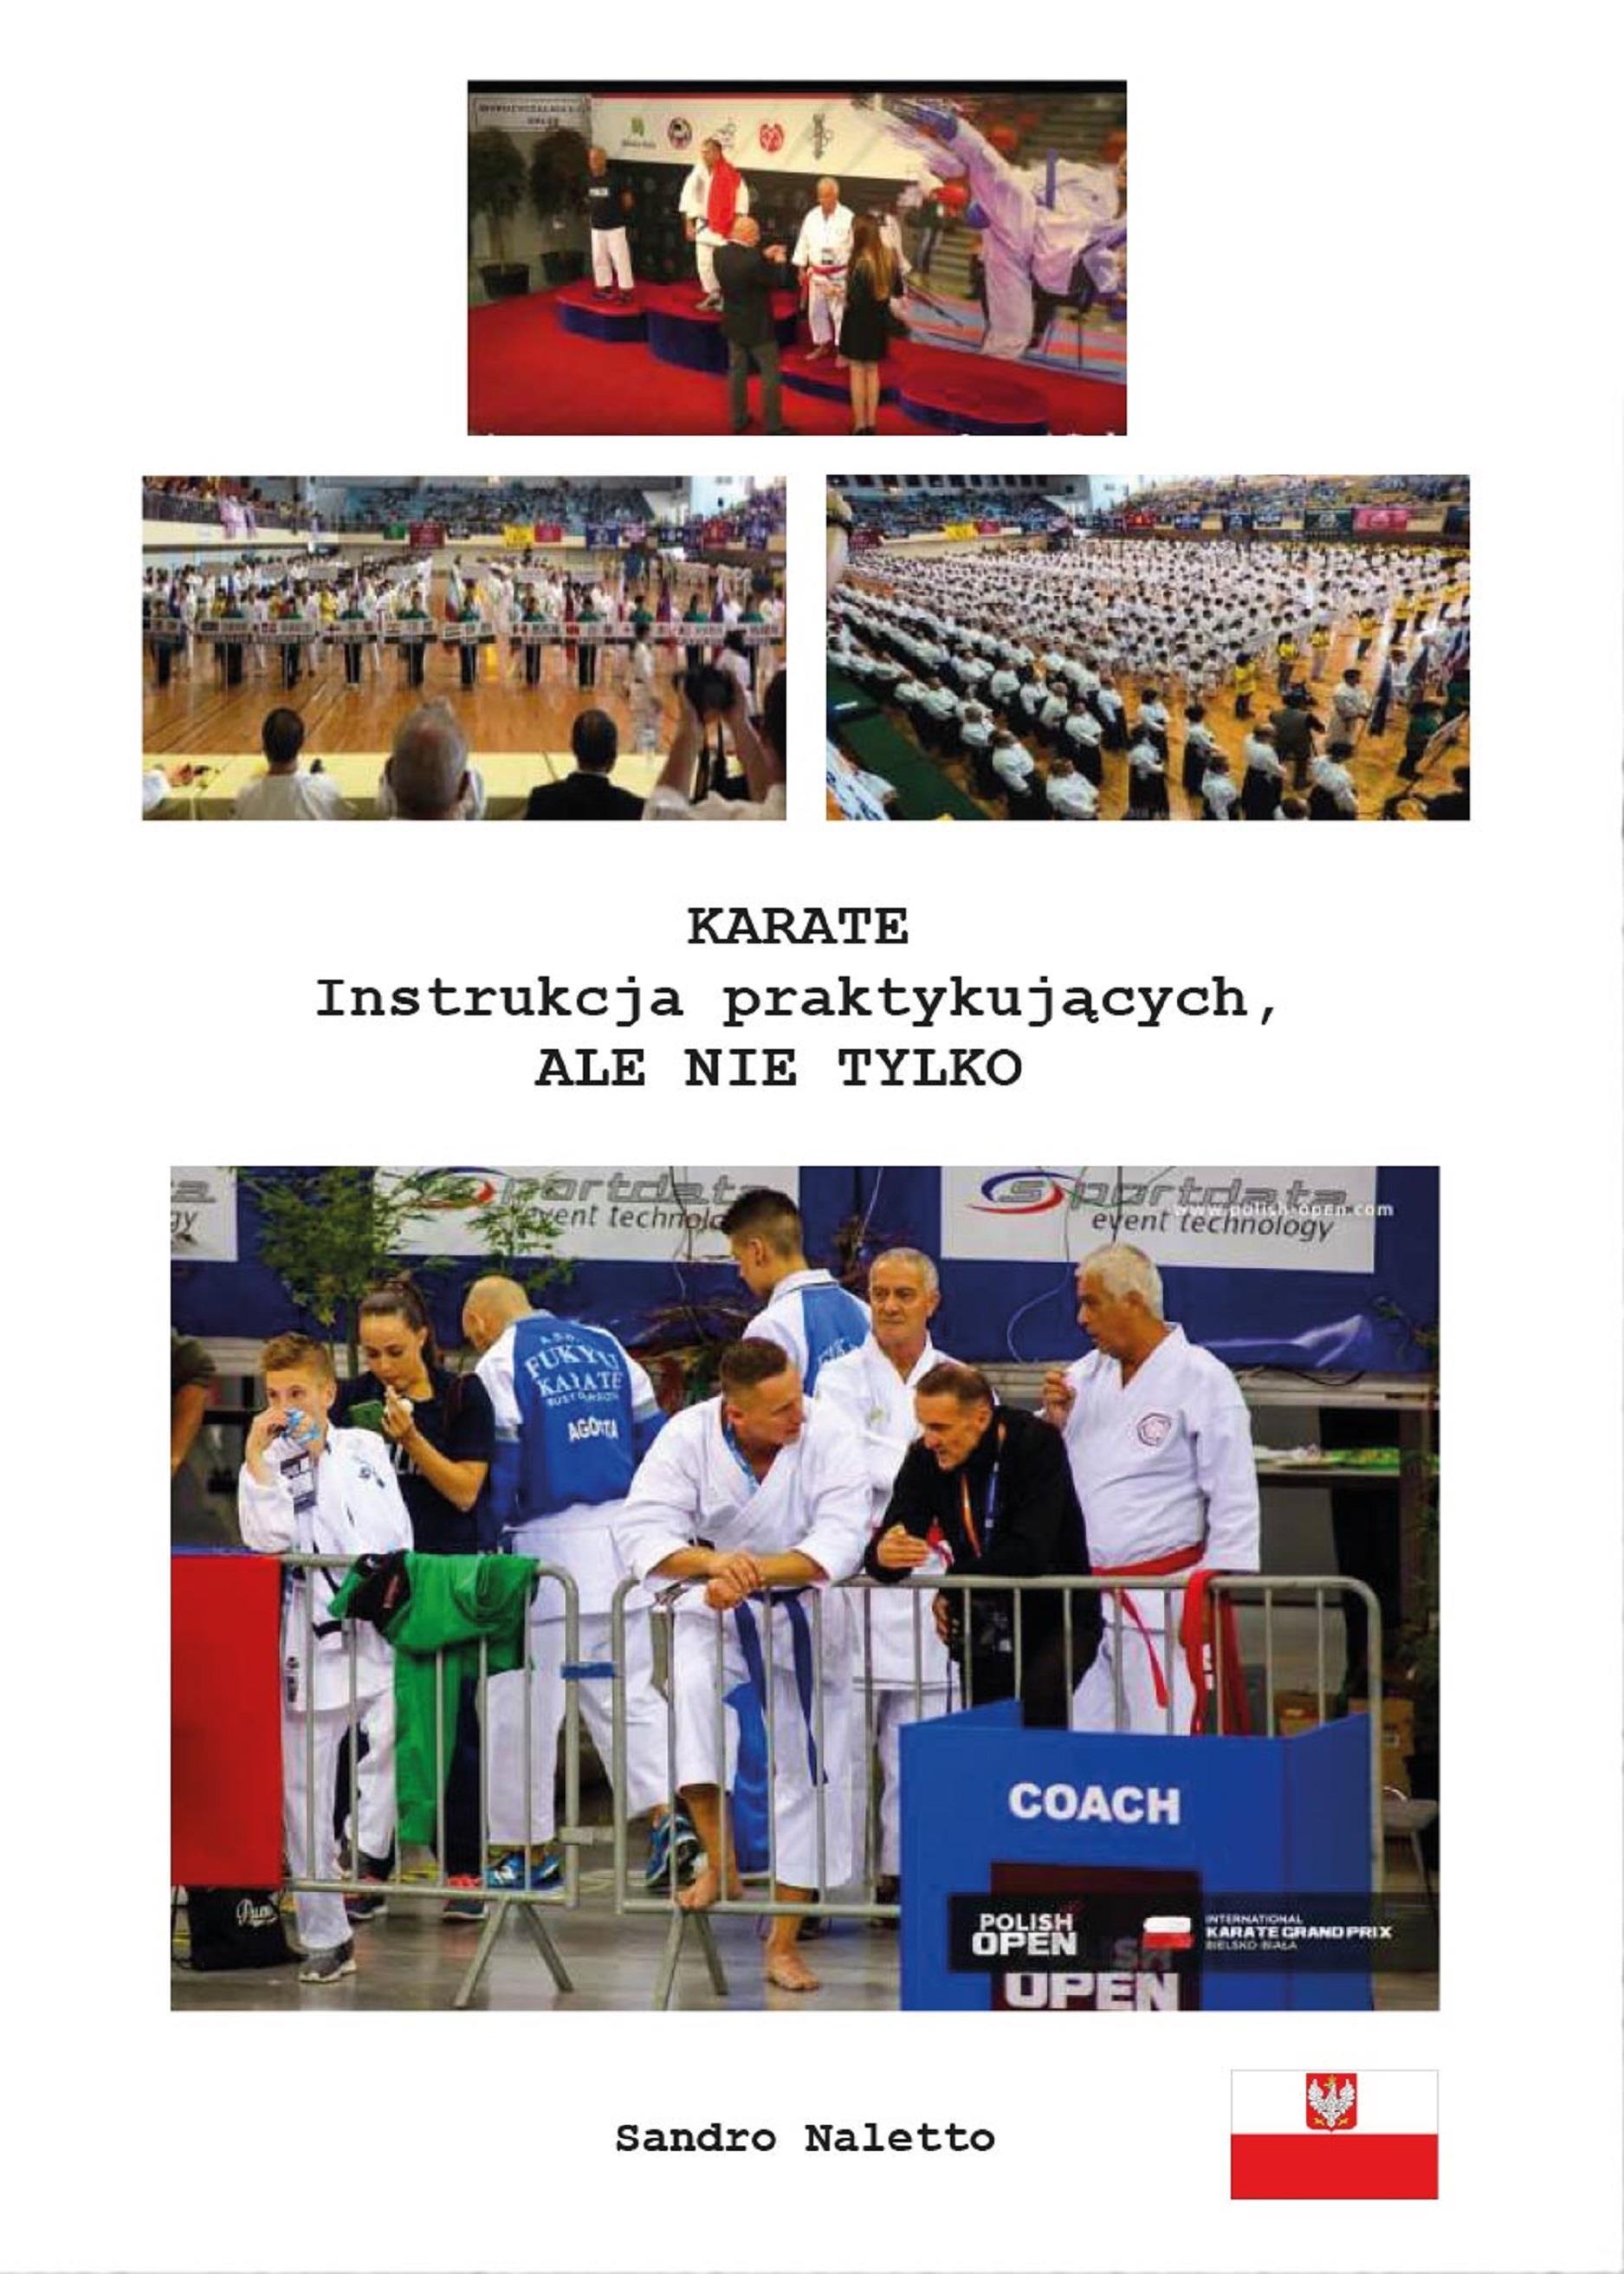 Karate instrukcja praktykujacych ale nie tylko